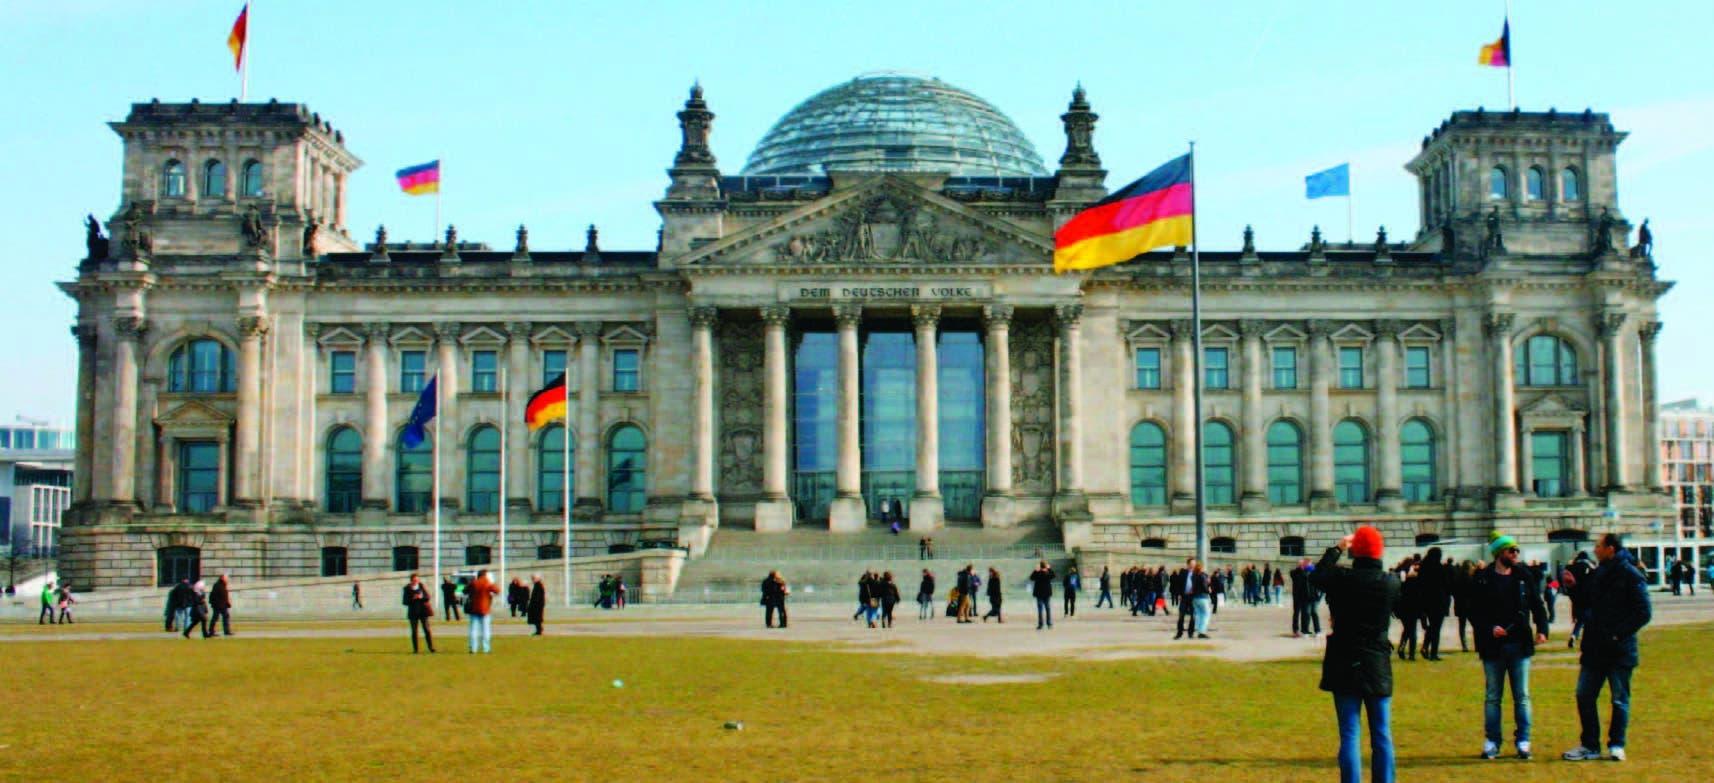 Berlín, una ciudad que se ha sobrepuesto al dolor